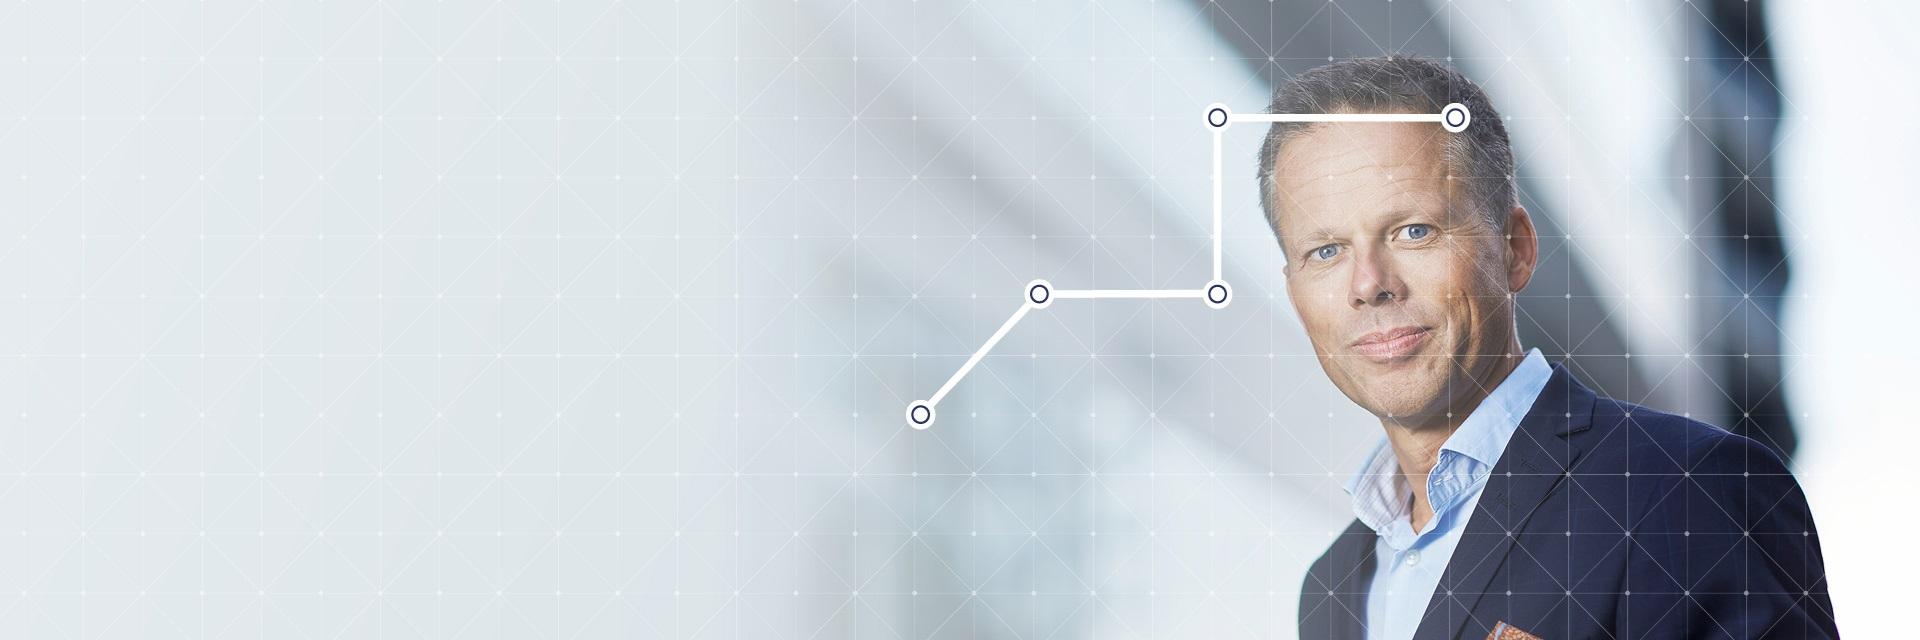 Customer-IQ_Experts-panel_Handelsbanken_Hero.jpg